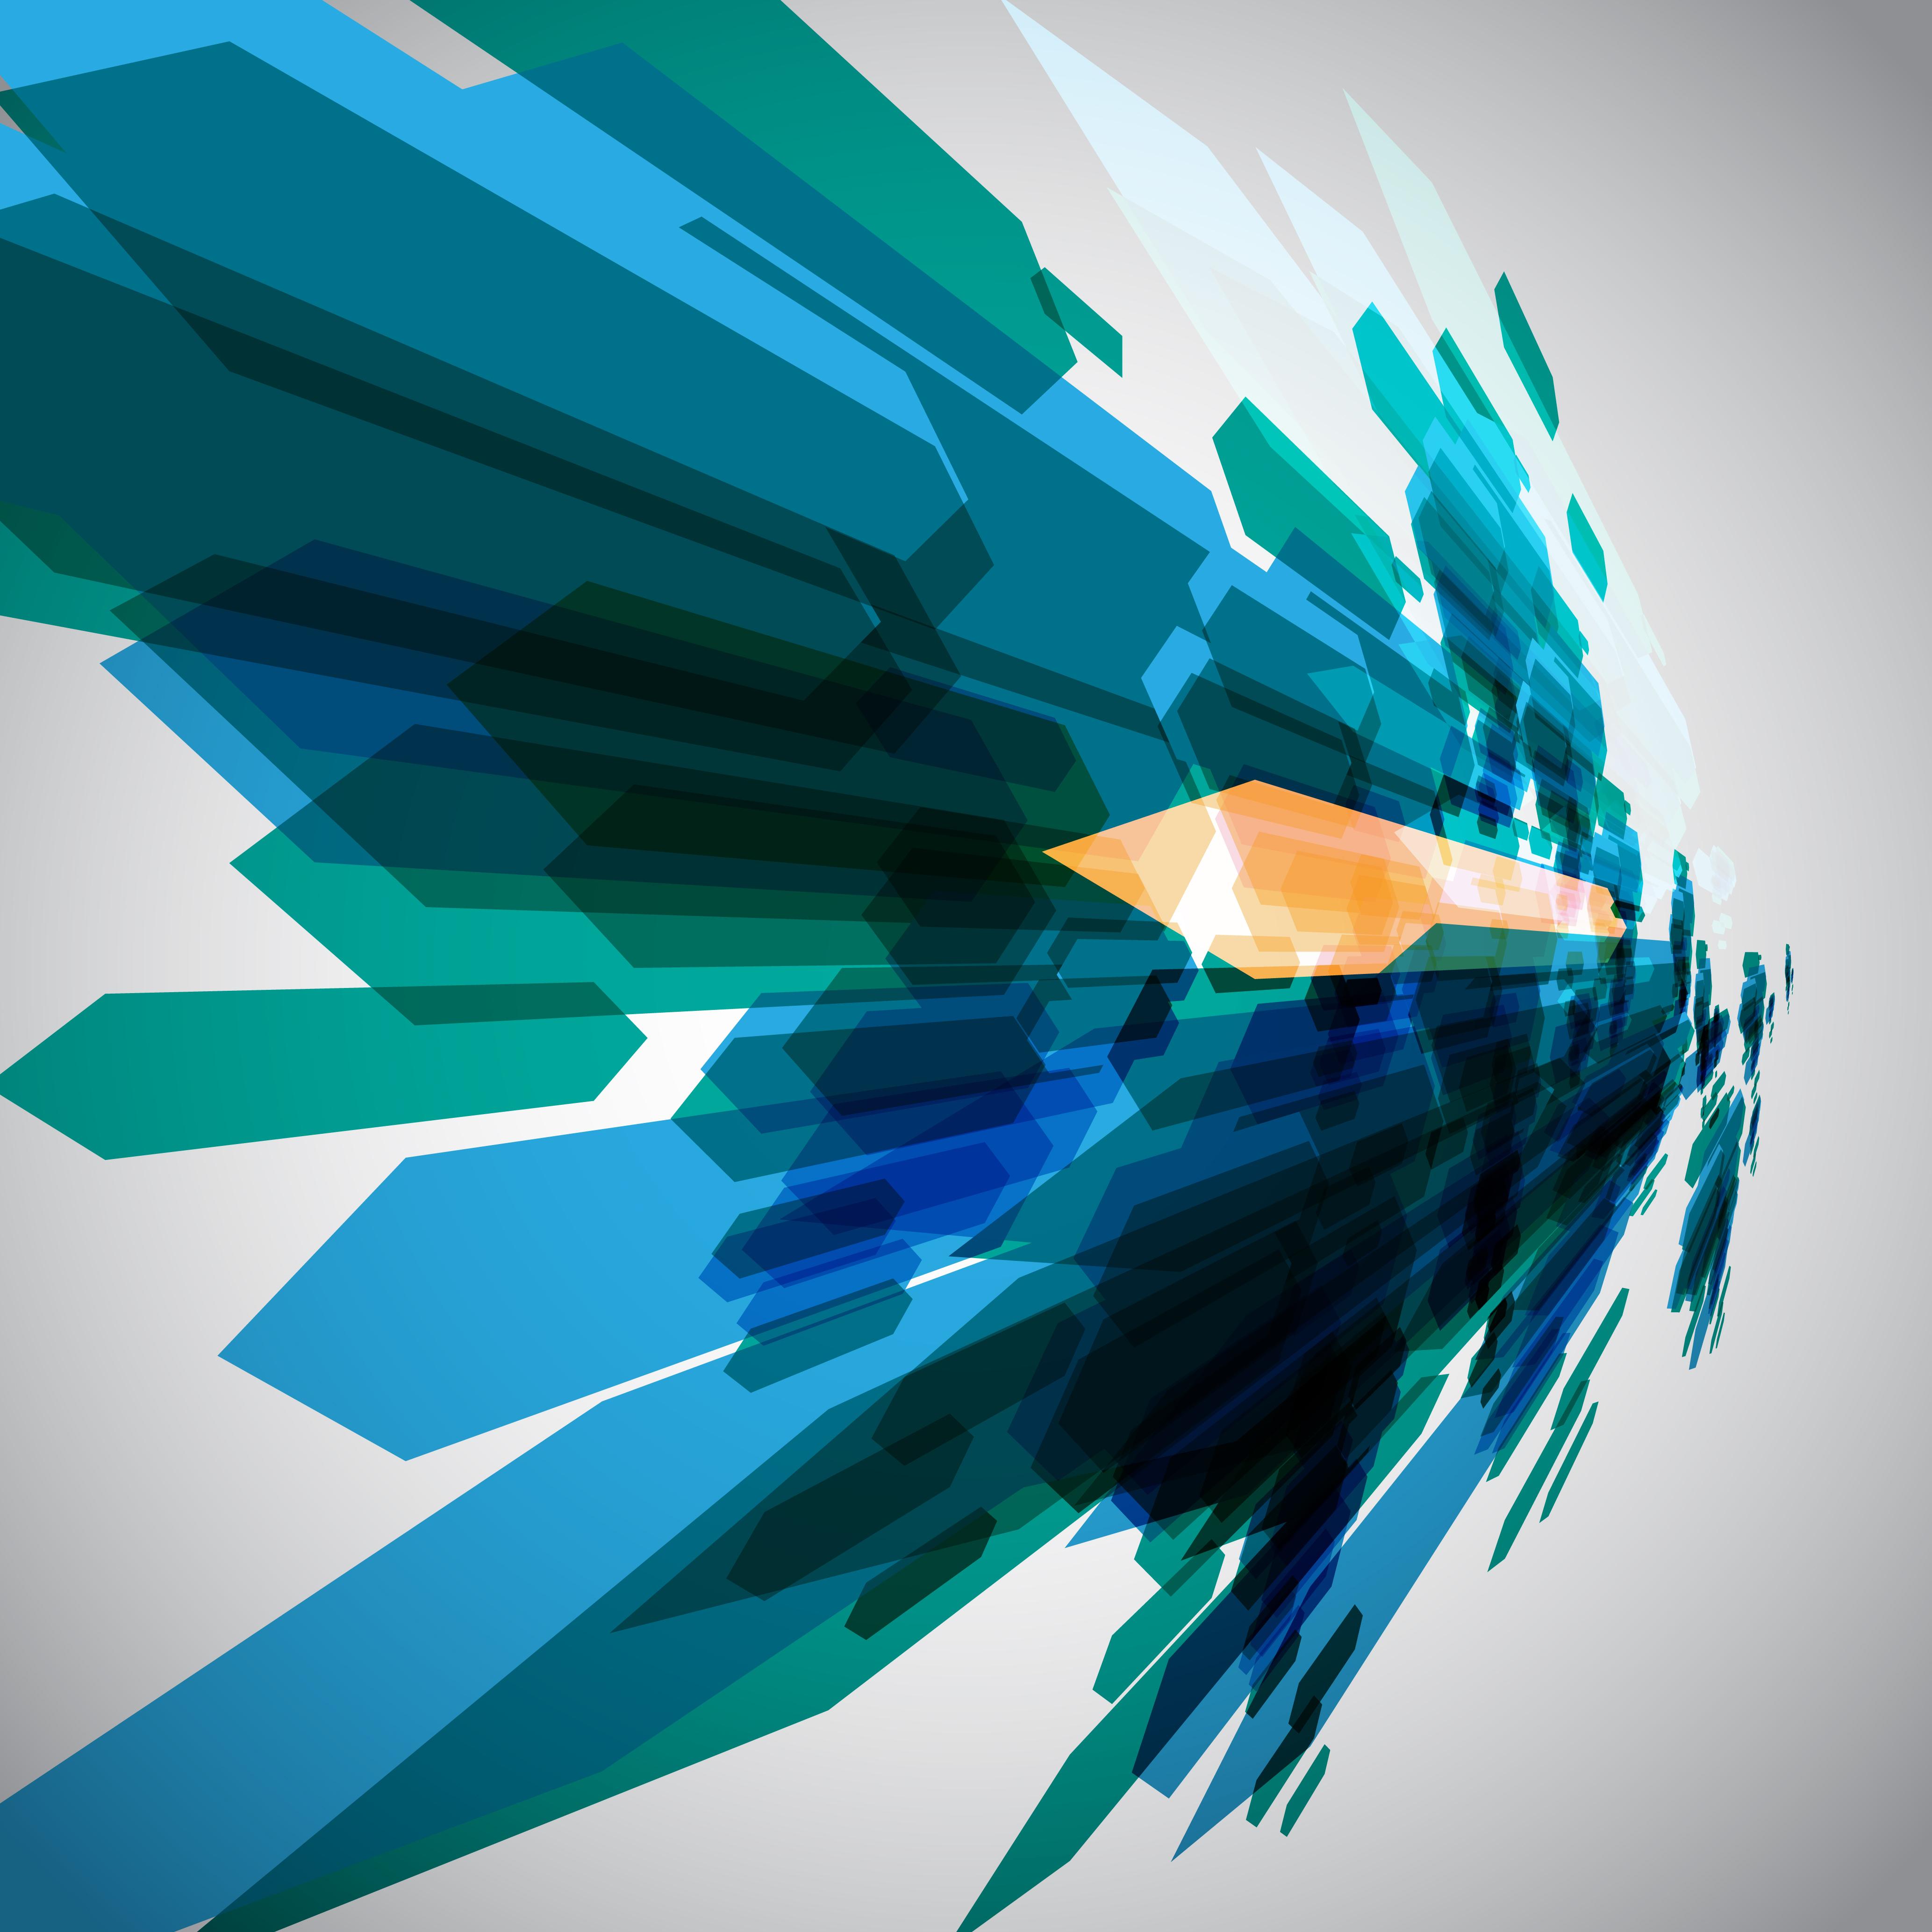 Blue arrows in motion vector - Download Free Vectors ...